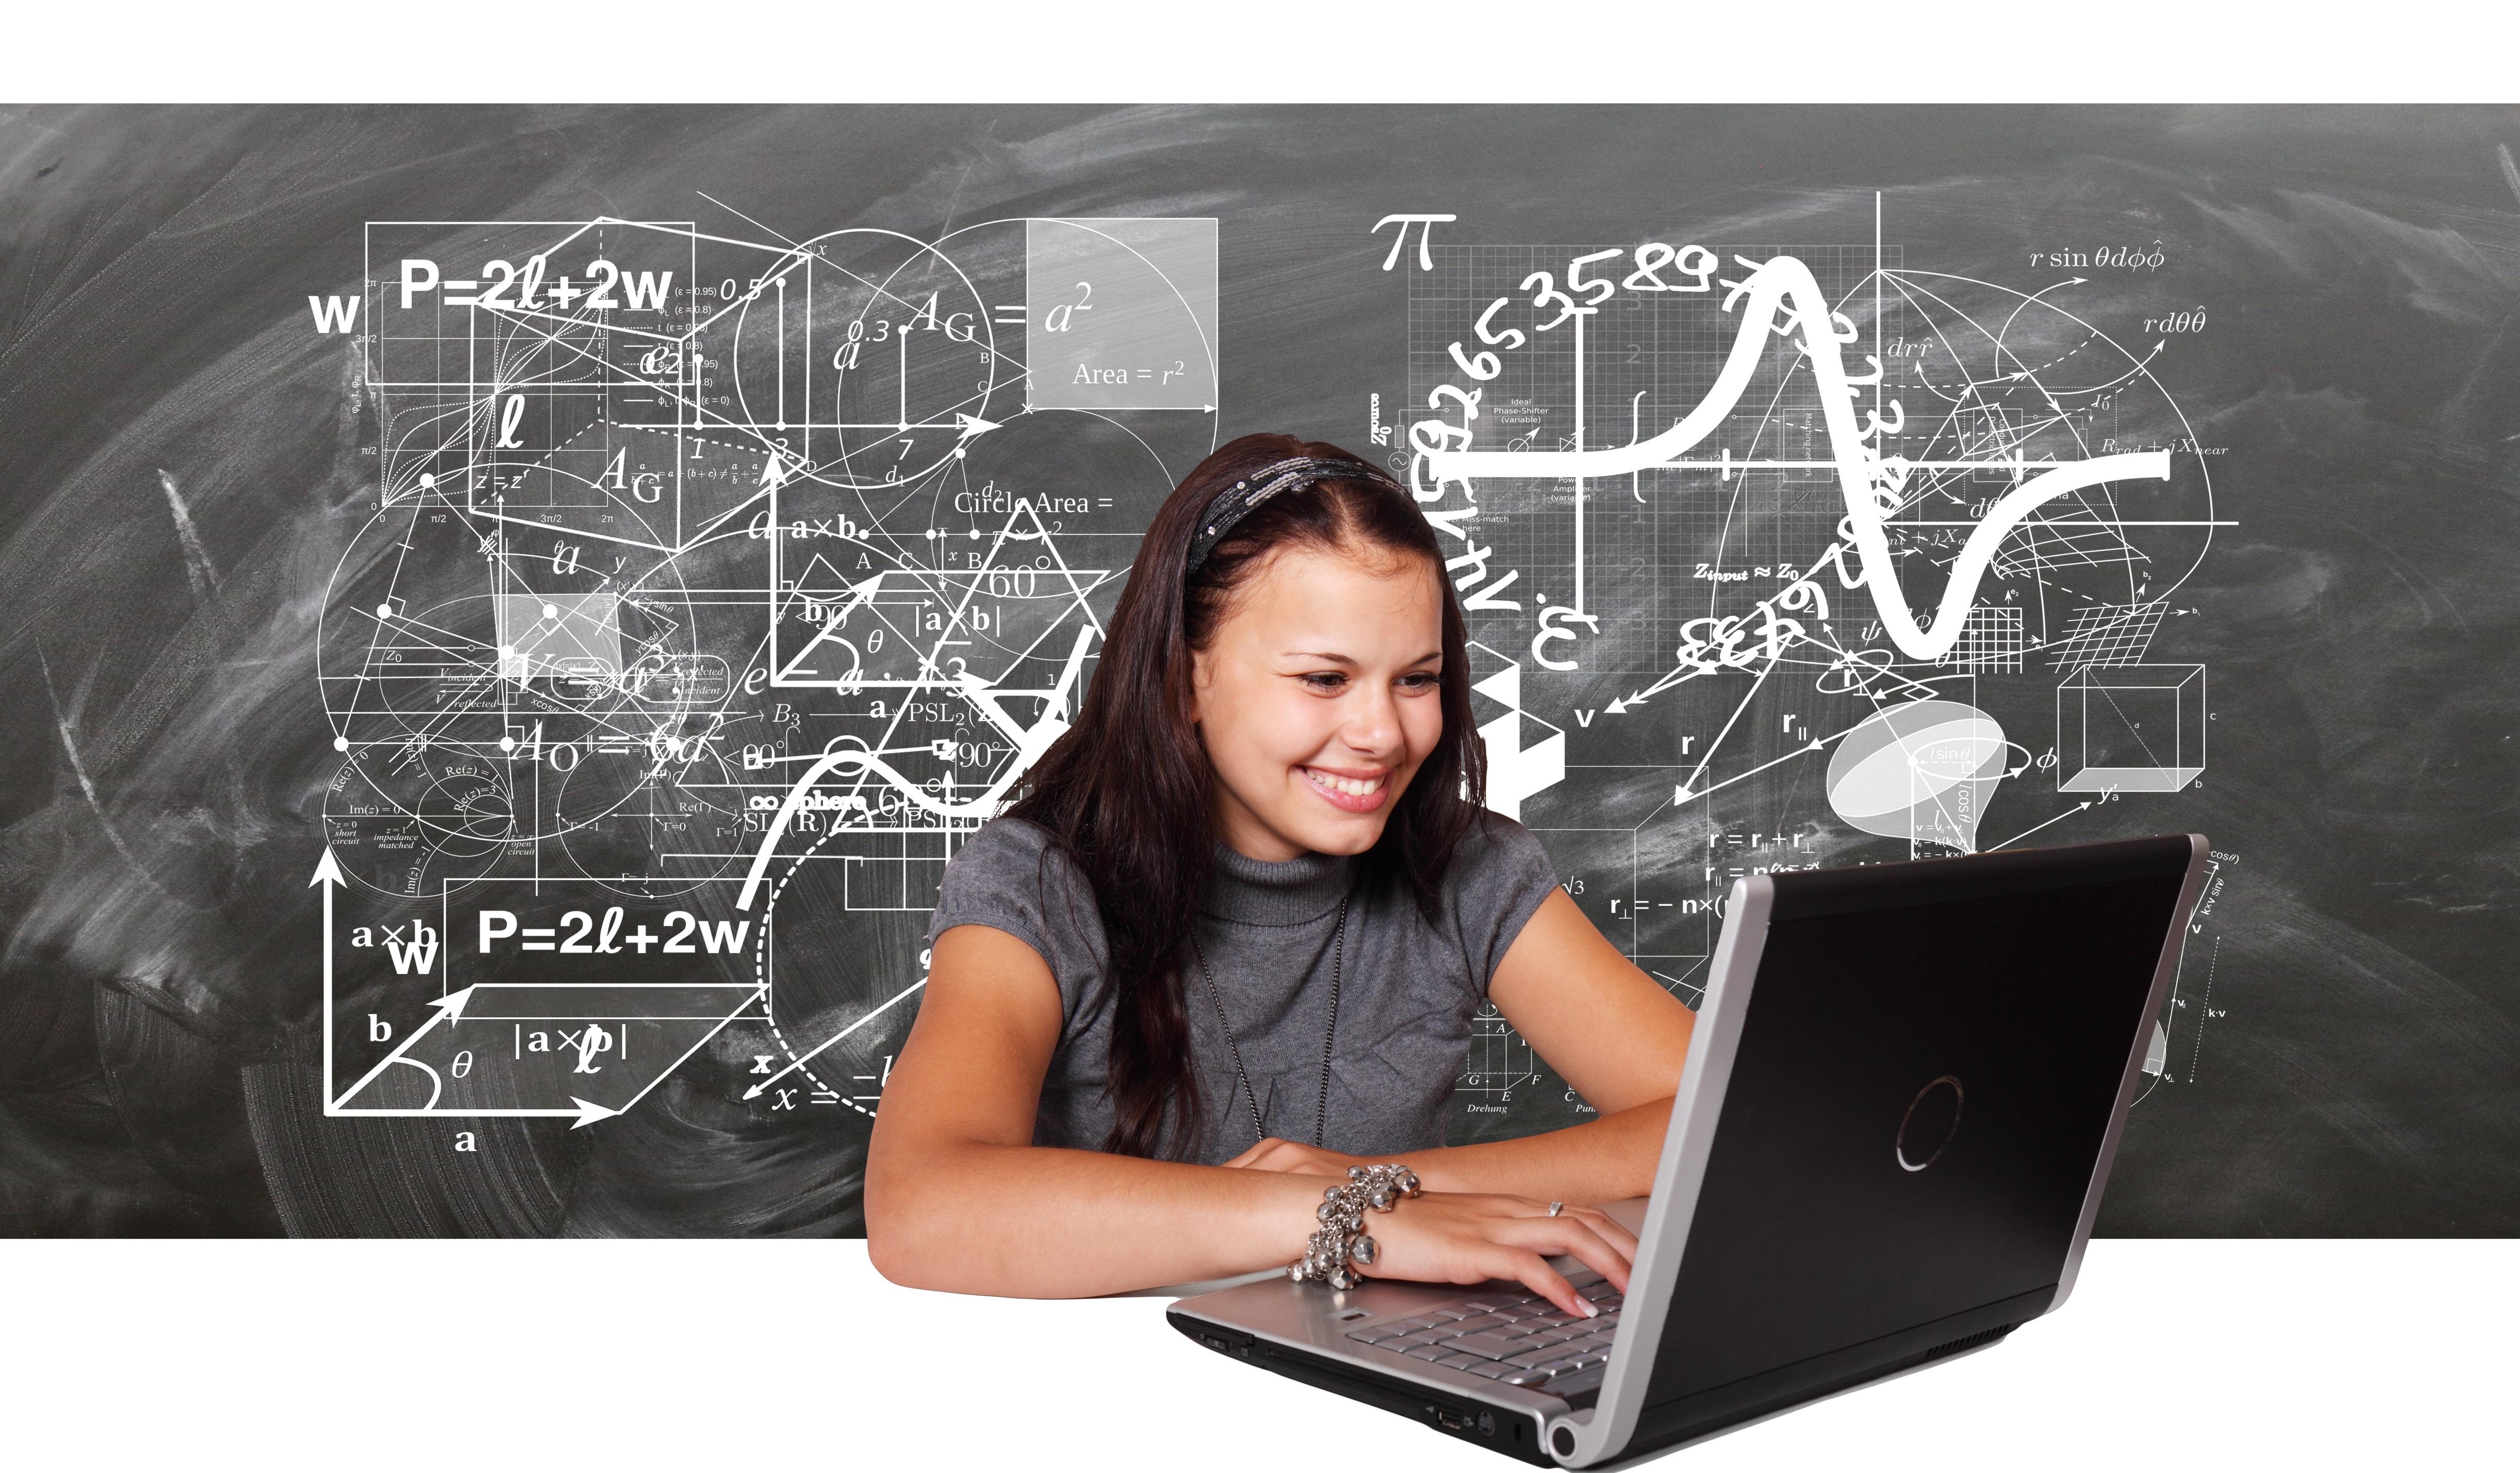 Kostenlose foto : Laptop, Computer, Schreiben, Tafel, Mädchen ...